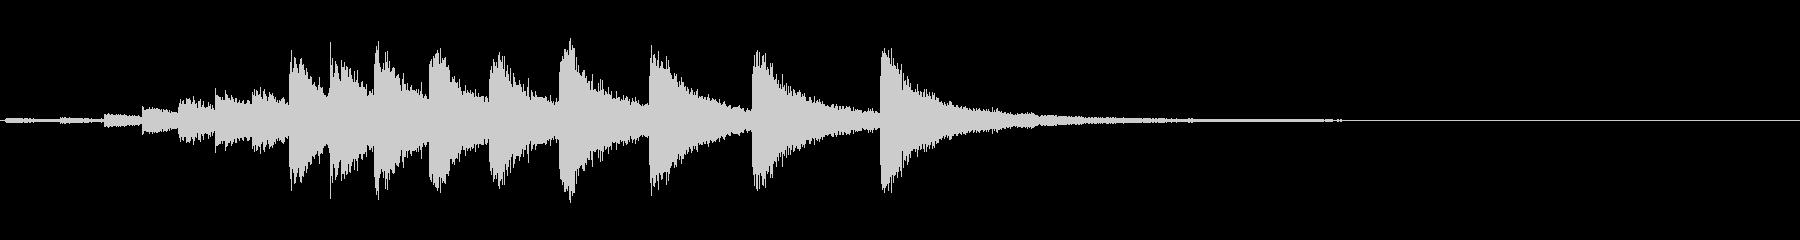 『カンカンカン・・・』韓国ドラの連打音の未再生の波形